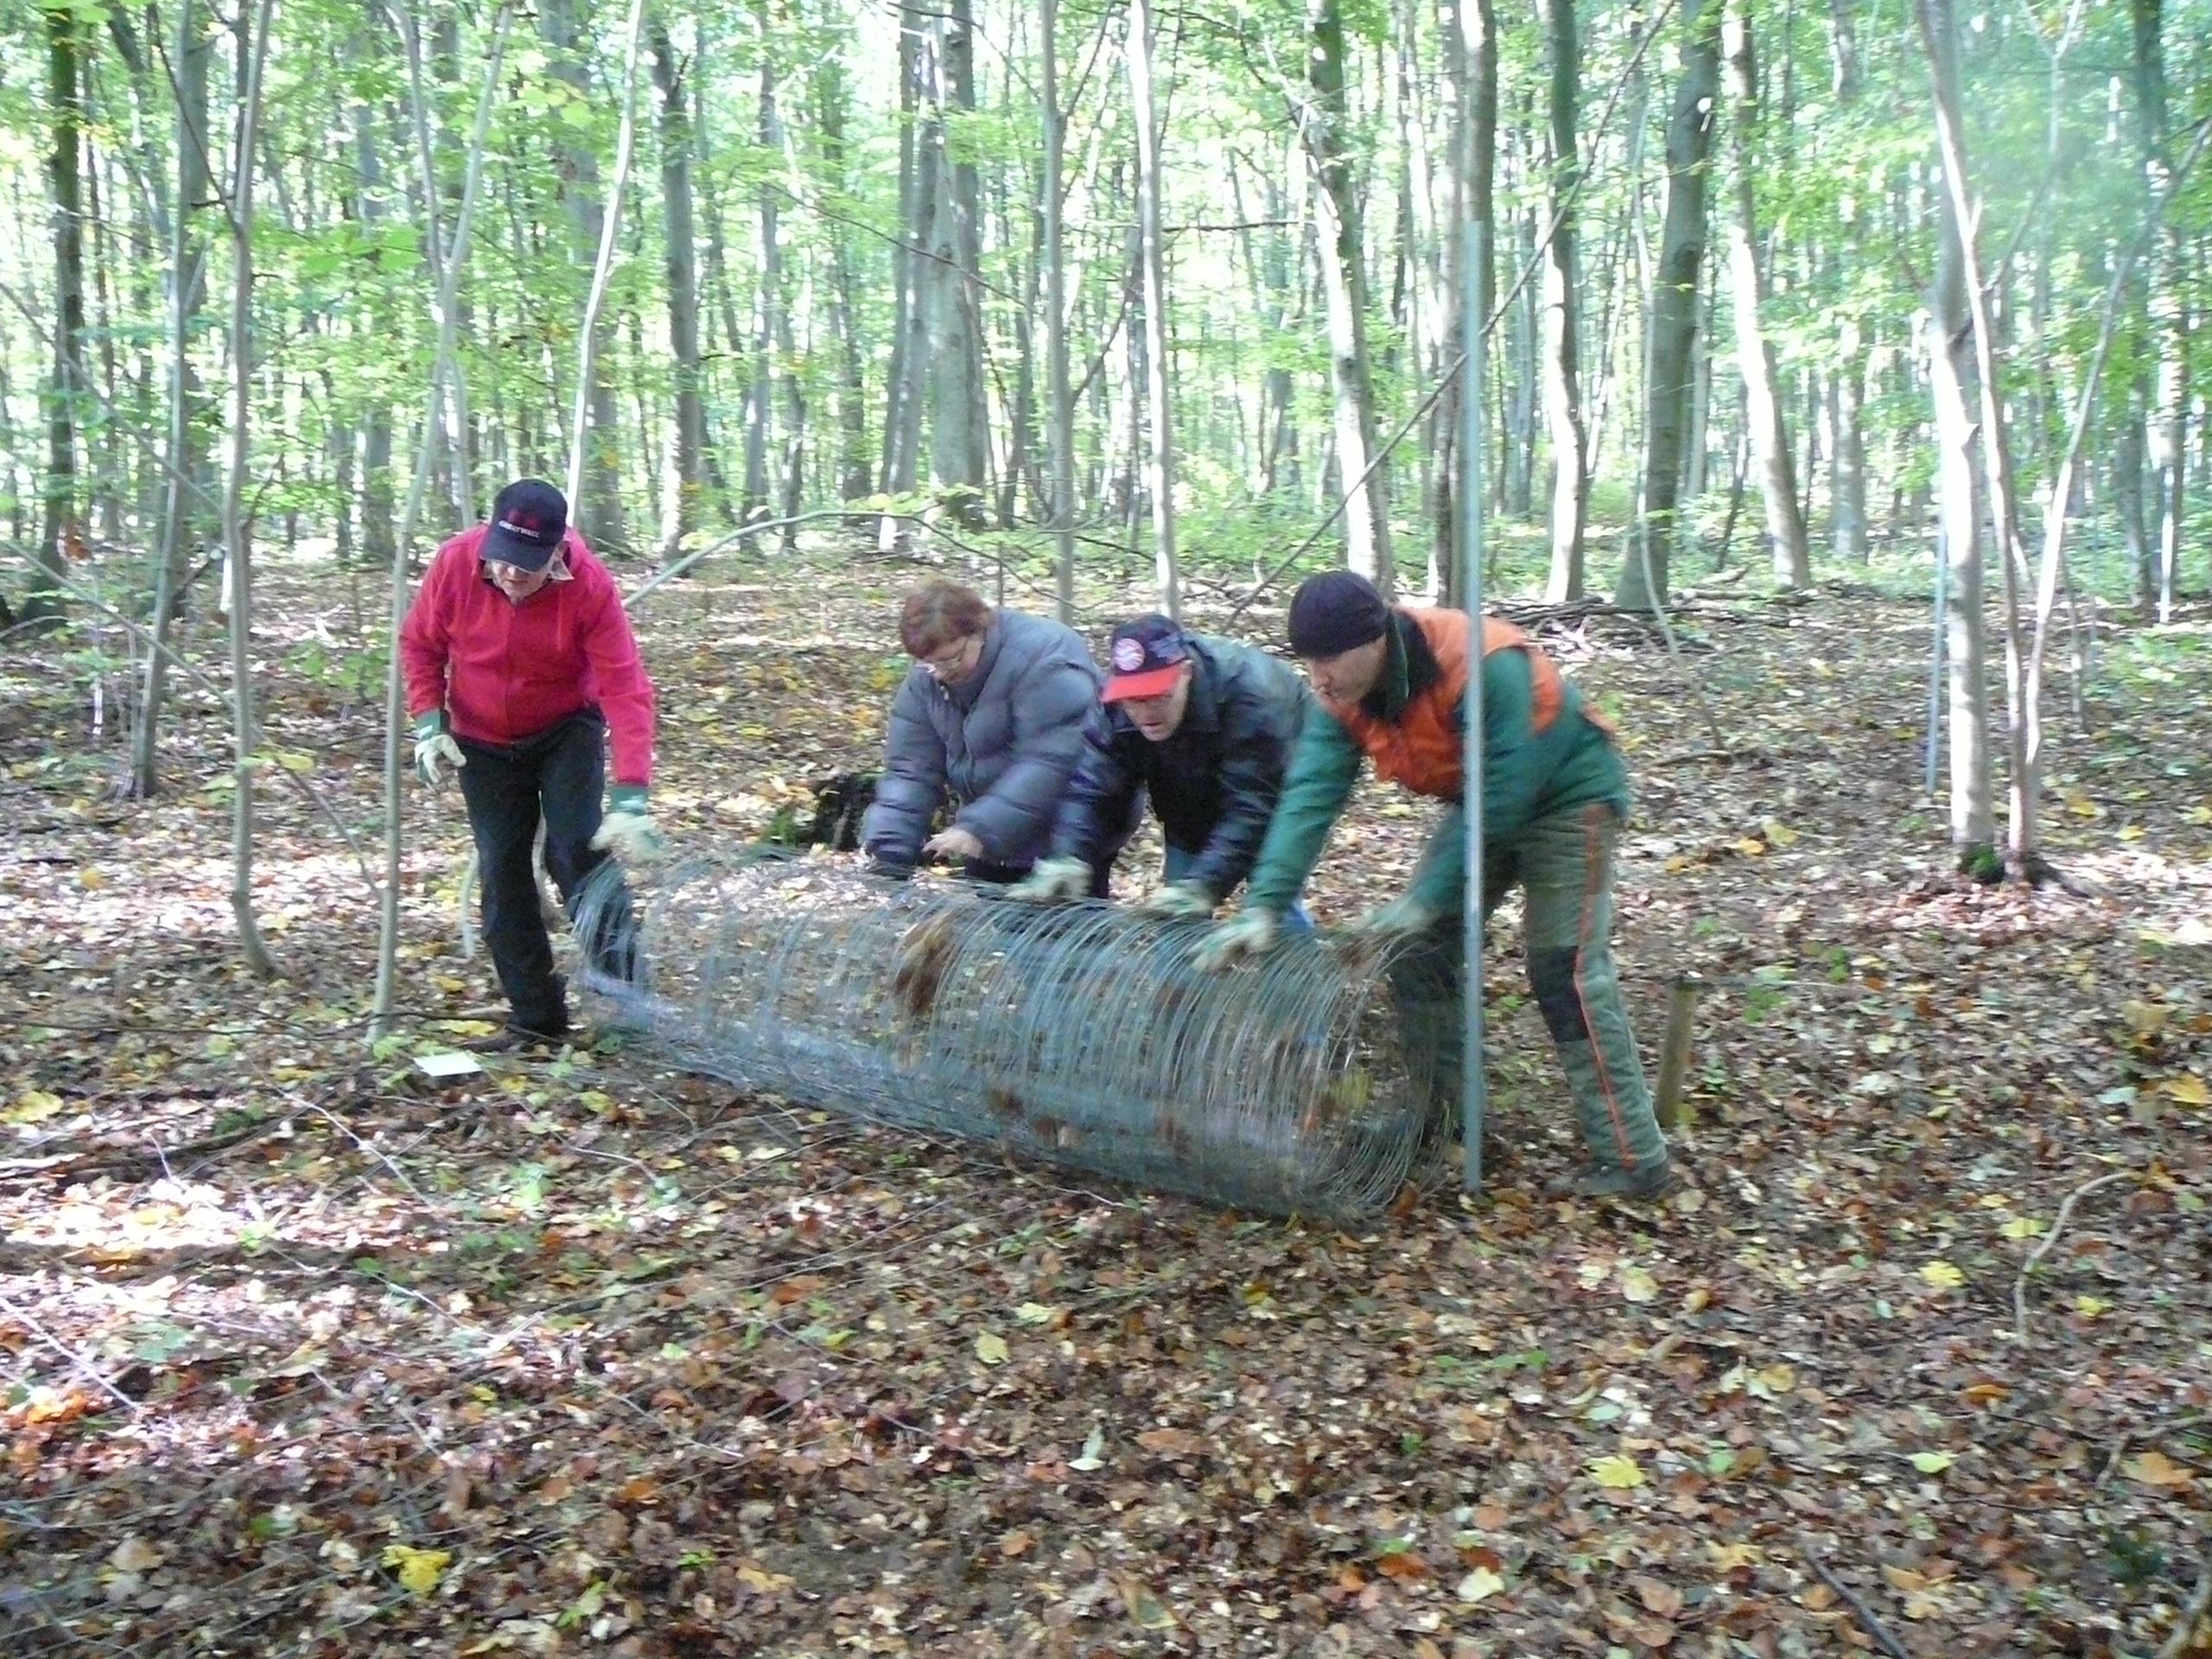 Lebenshilfe Erfurt engagiert sich im Nationalpark Hainich 23. Oktober 2012 - Fotoquelle: EUROPARC Deutschland